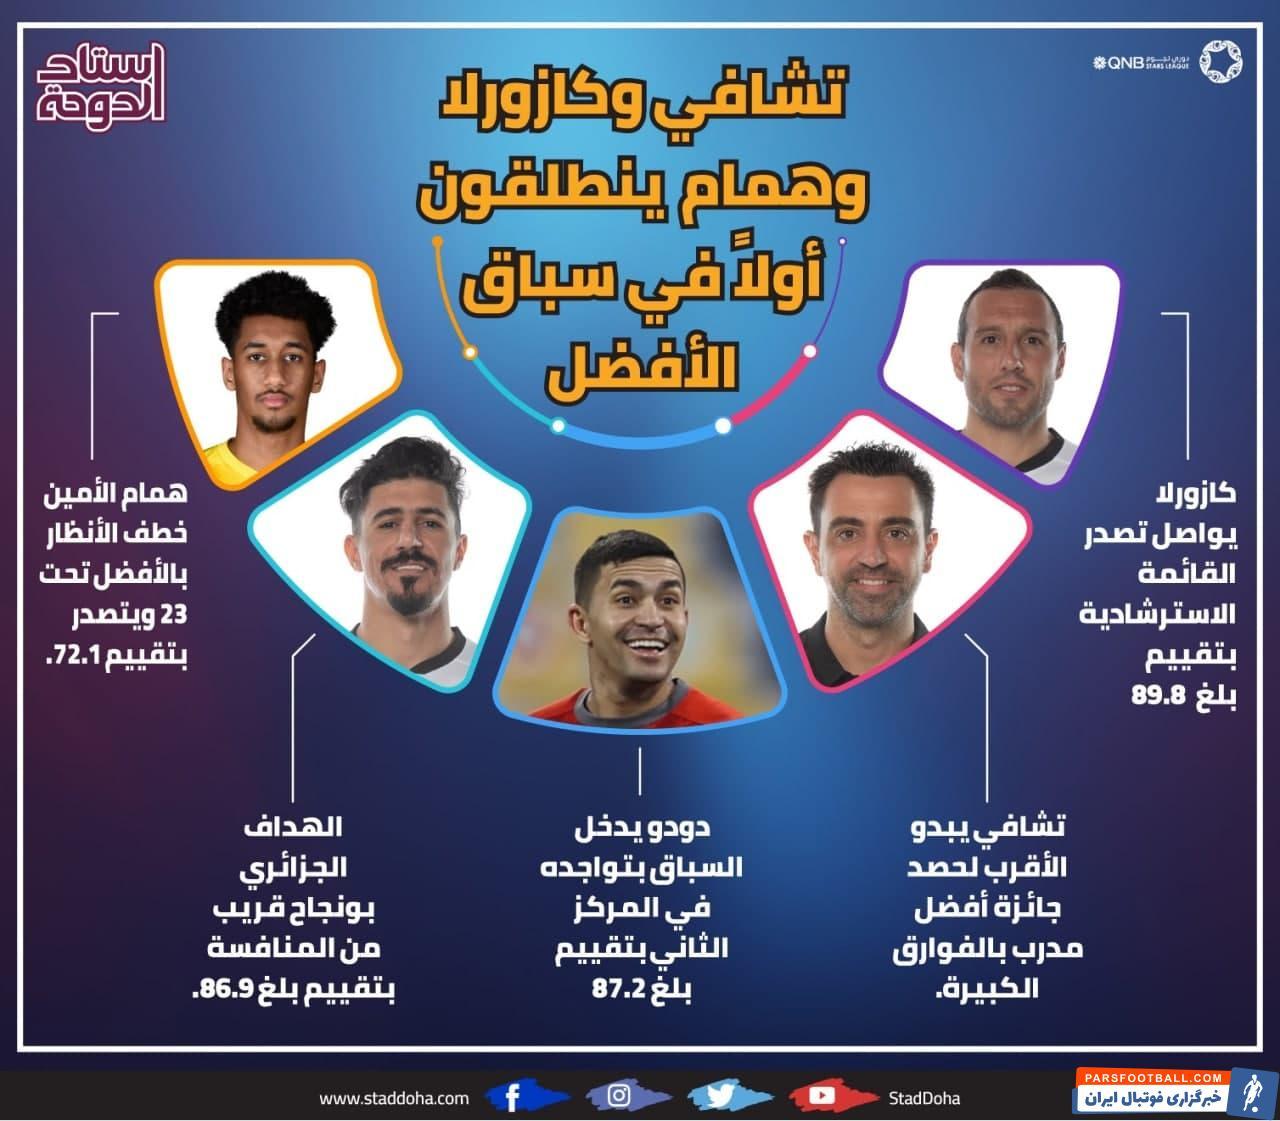 براساس یک نظرسنجی از هیئت انتخاب برترین های فصل لیگ ستارگان قطر، جایزه بهترین مربی و بازیکن فصل گذشته به ژاوی و کازورلا رسید.